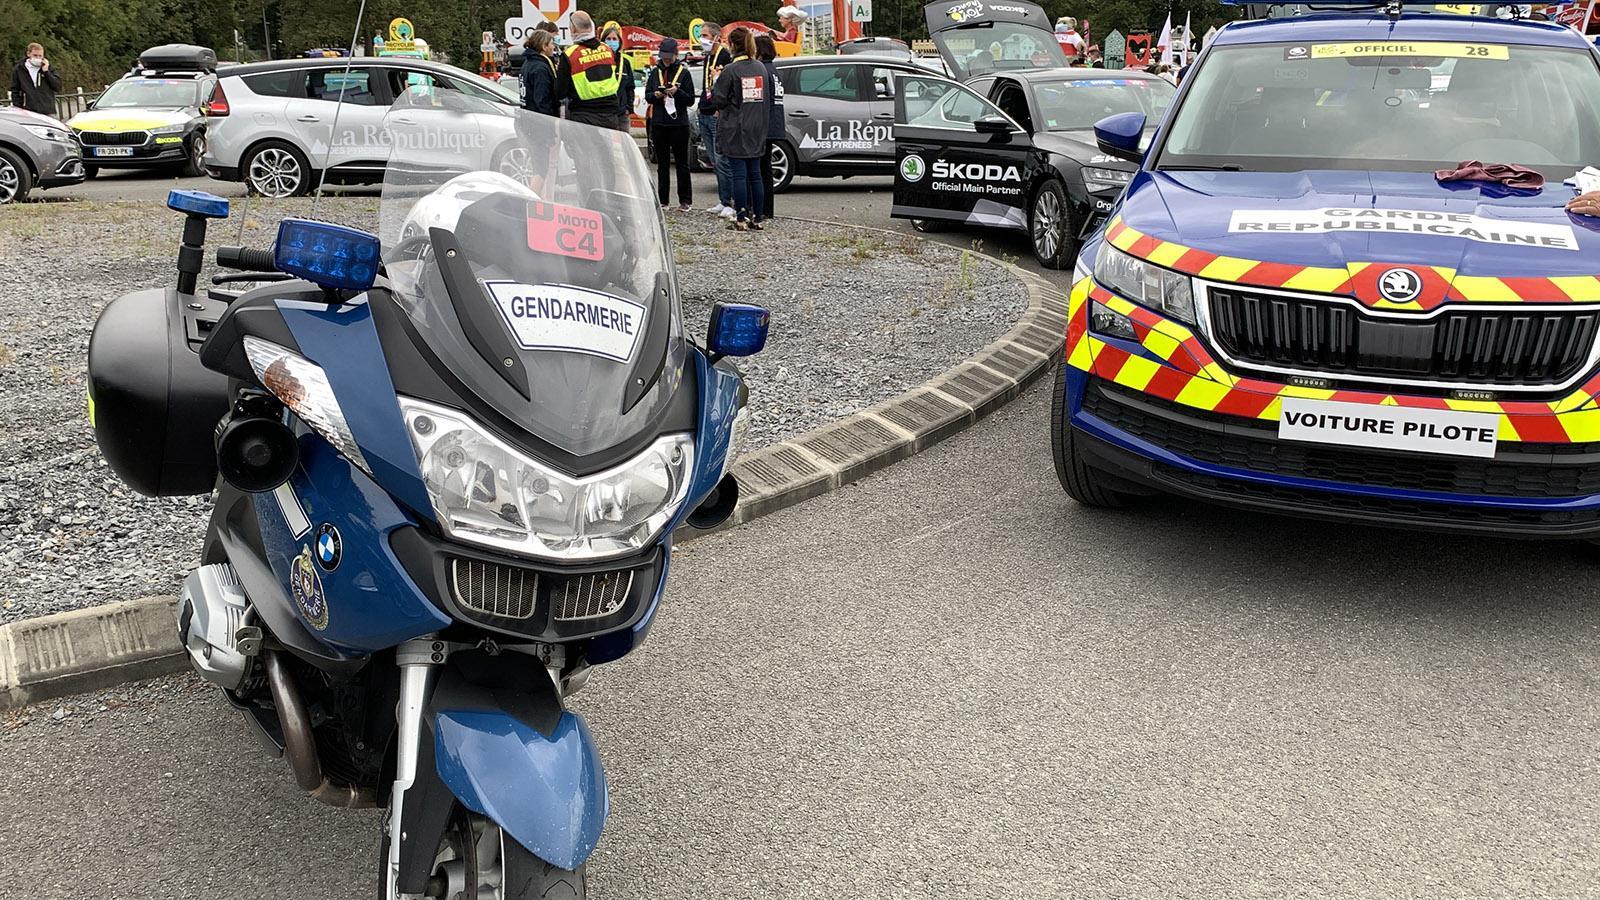 Die Nationalgarde unterstützt die Gendarmerie bei der Tour de France. Foto: Hilke Maunder